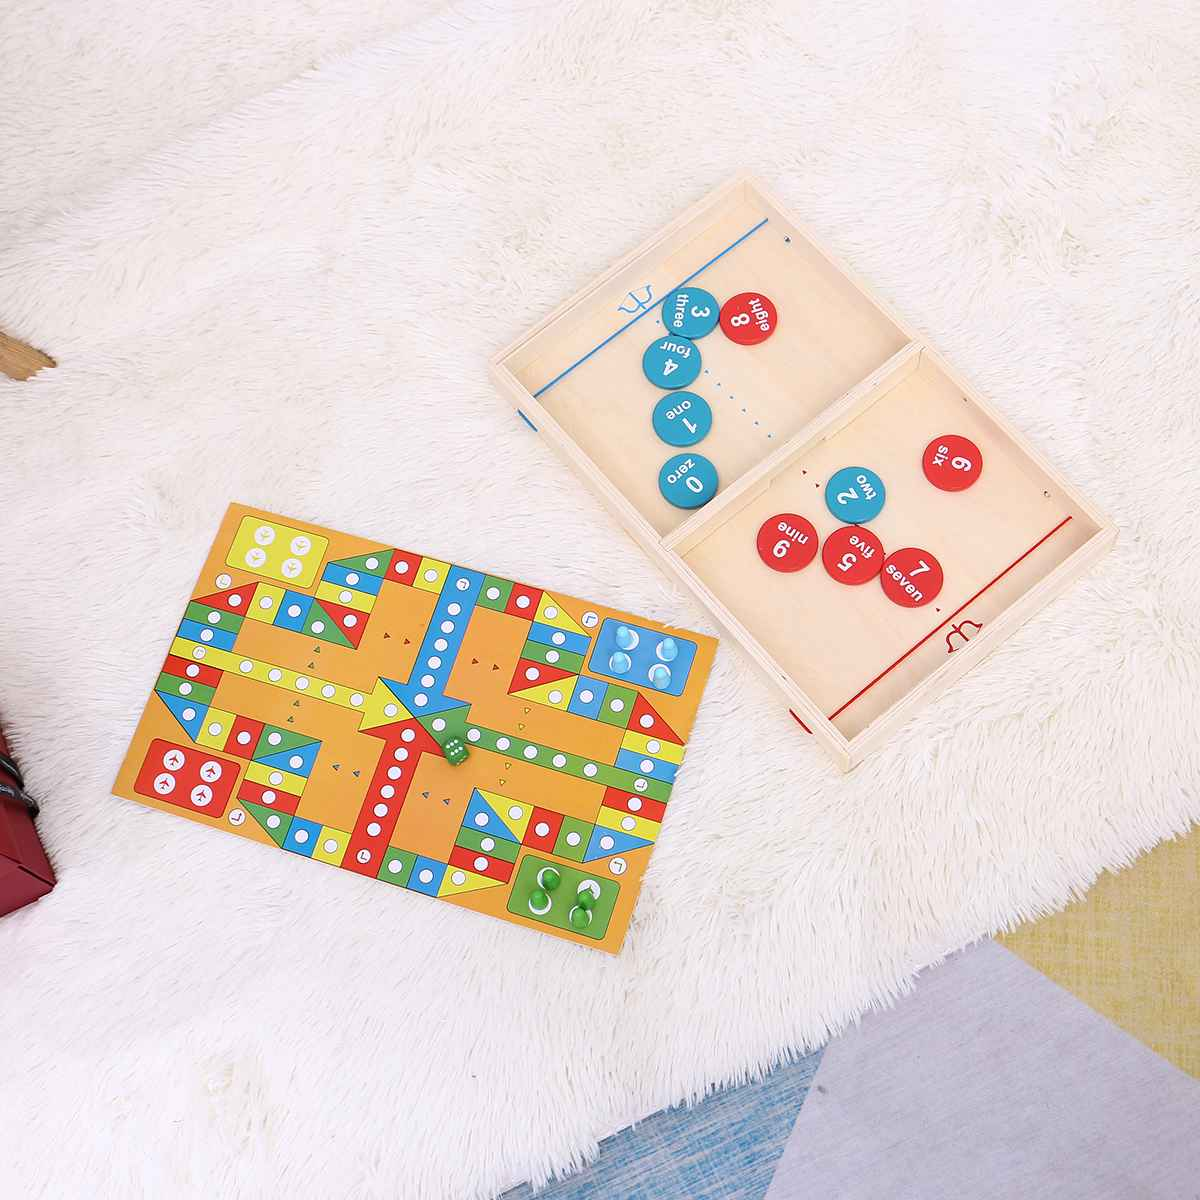 clássico jogo de quebra-cabeça de vôo conjunto crianças brinquedo